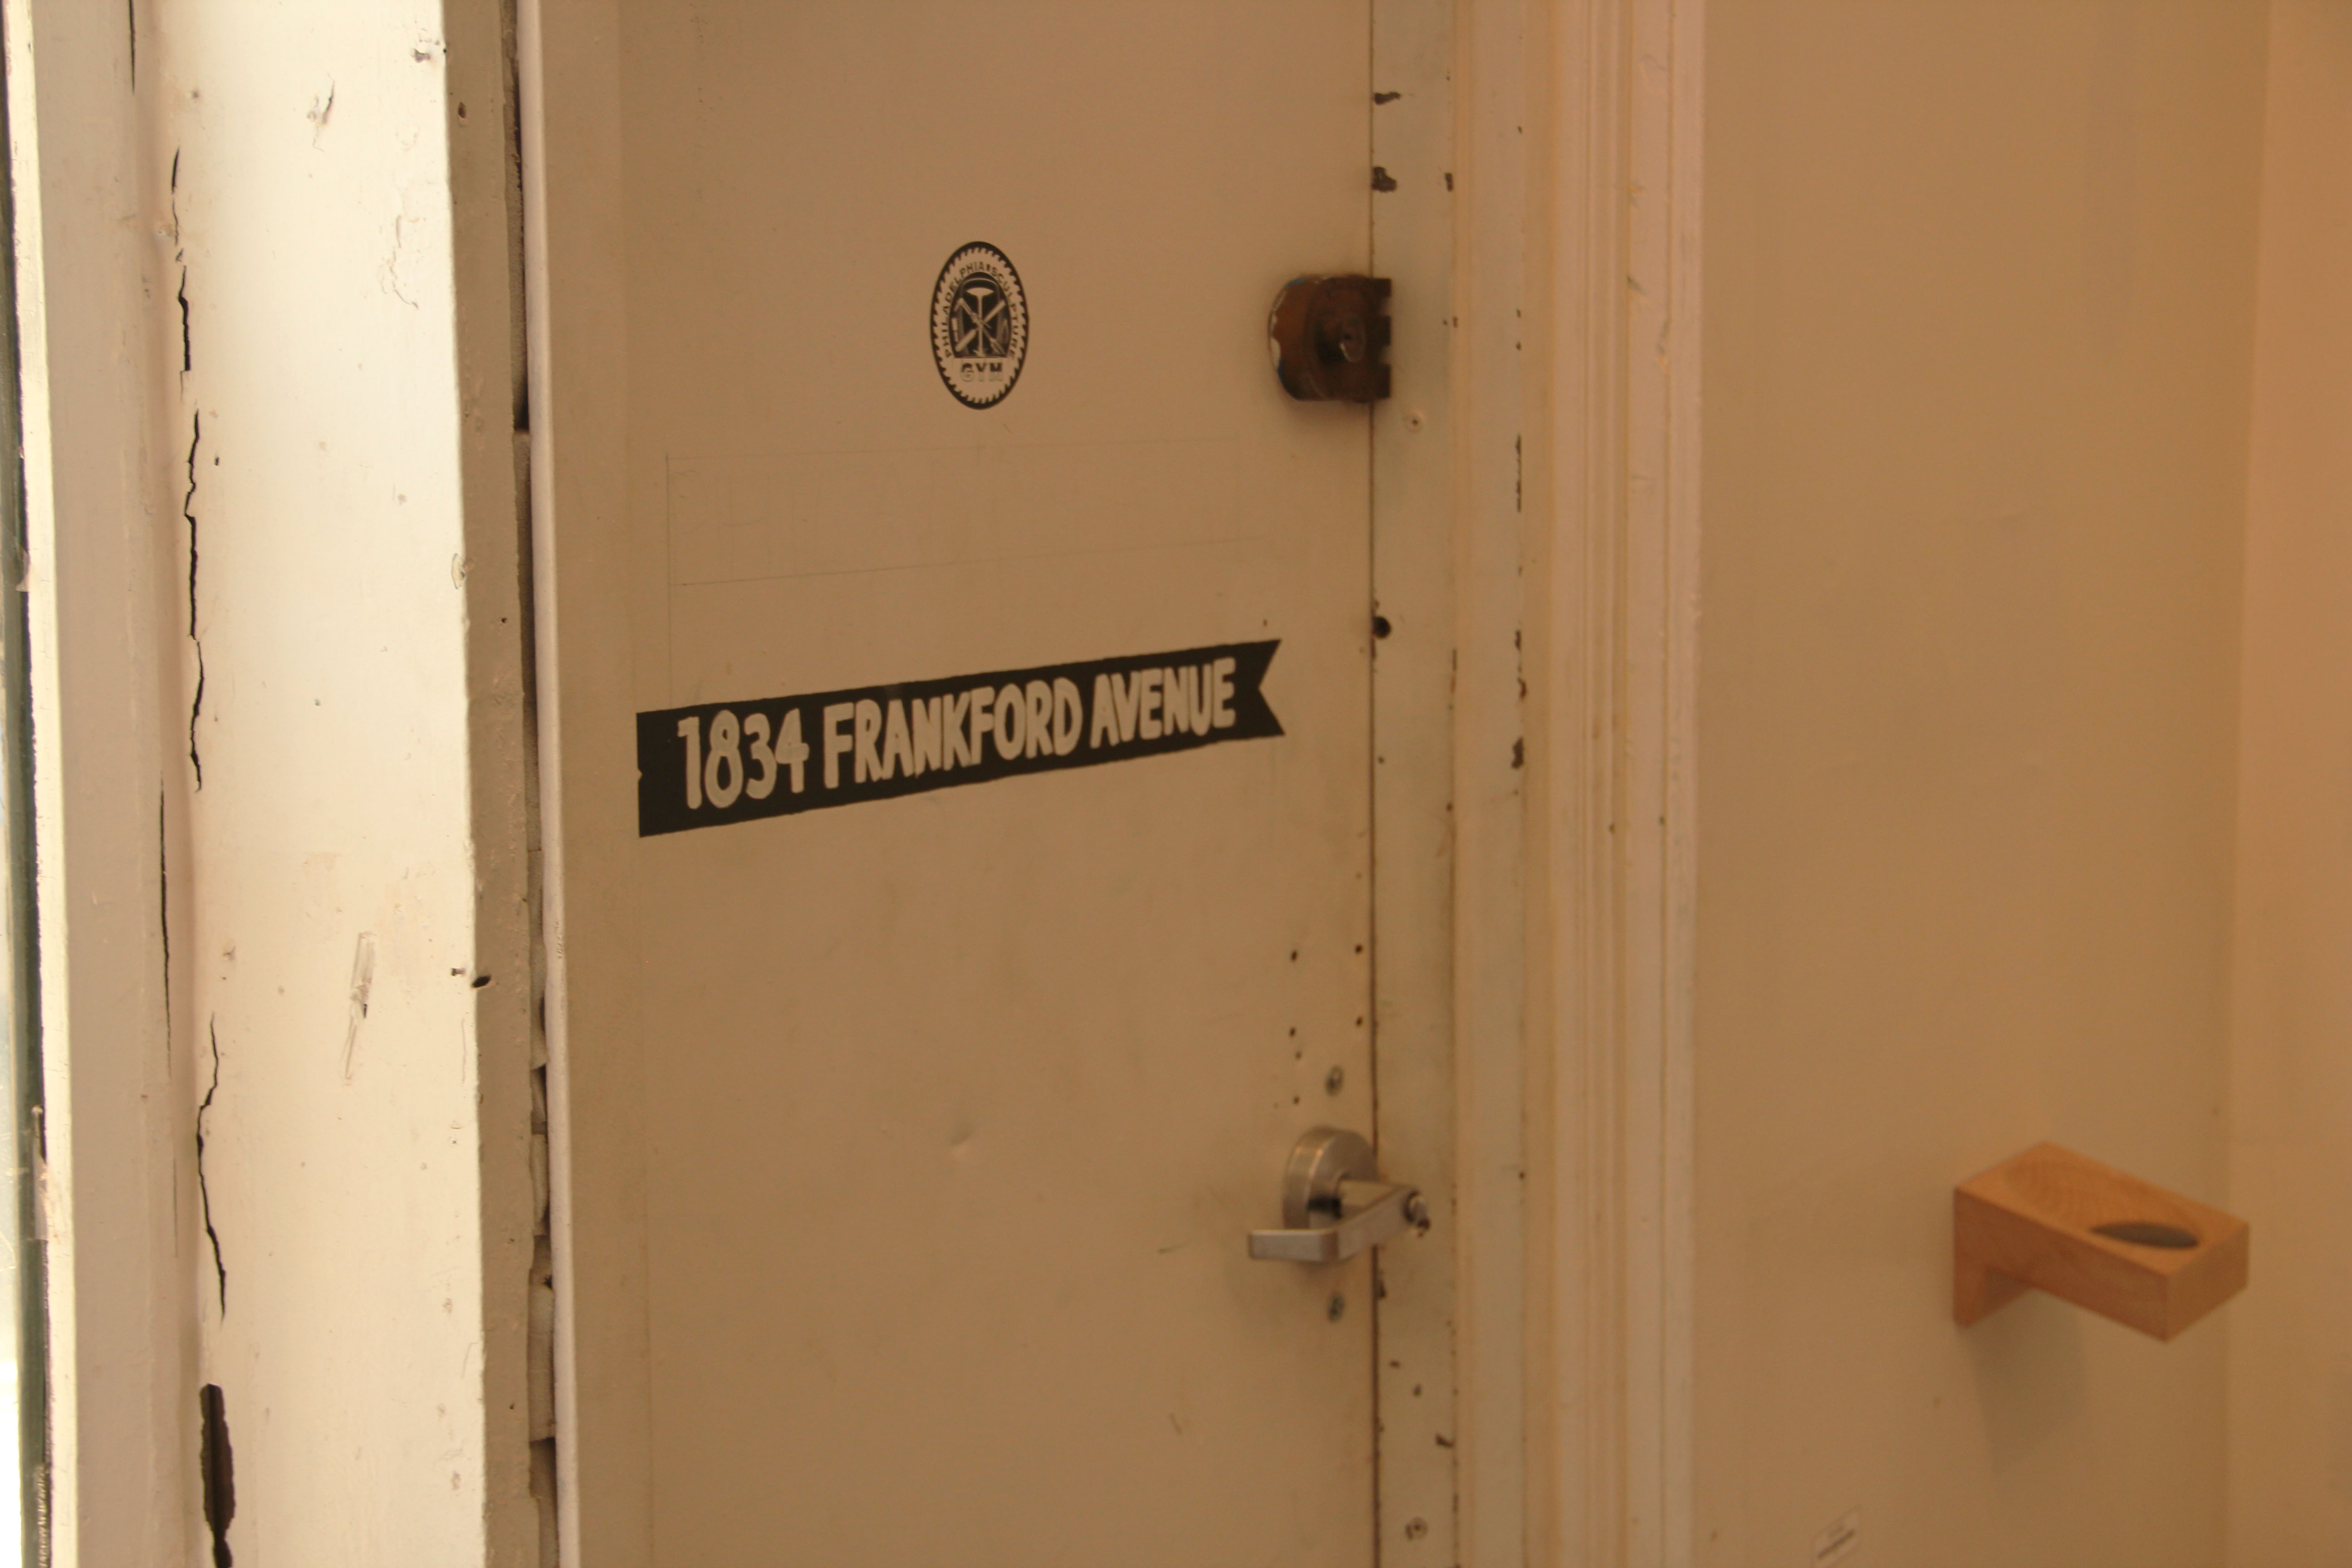 fa1301techphilly_Door